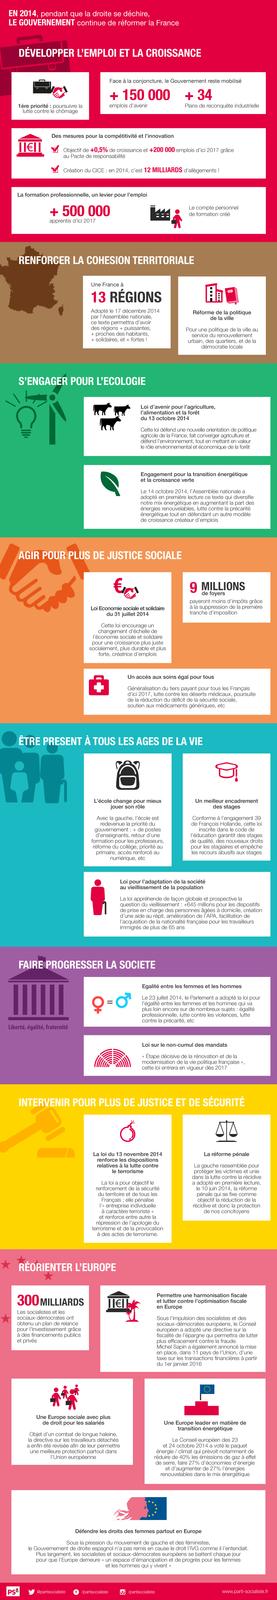 Infographie &gt&#x3B; En 2014, pendant que la droite se déchire, le gouvernement continue de réformer la France